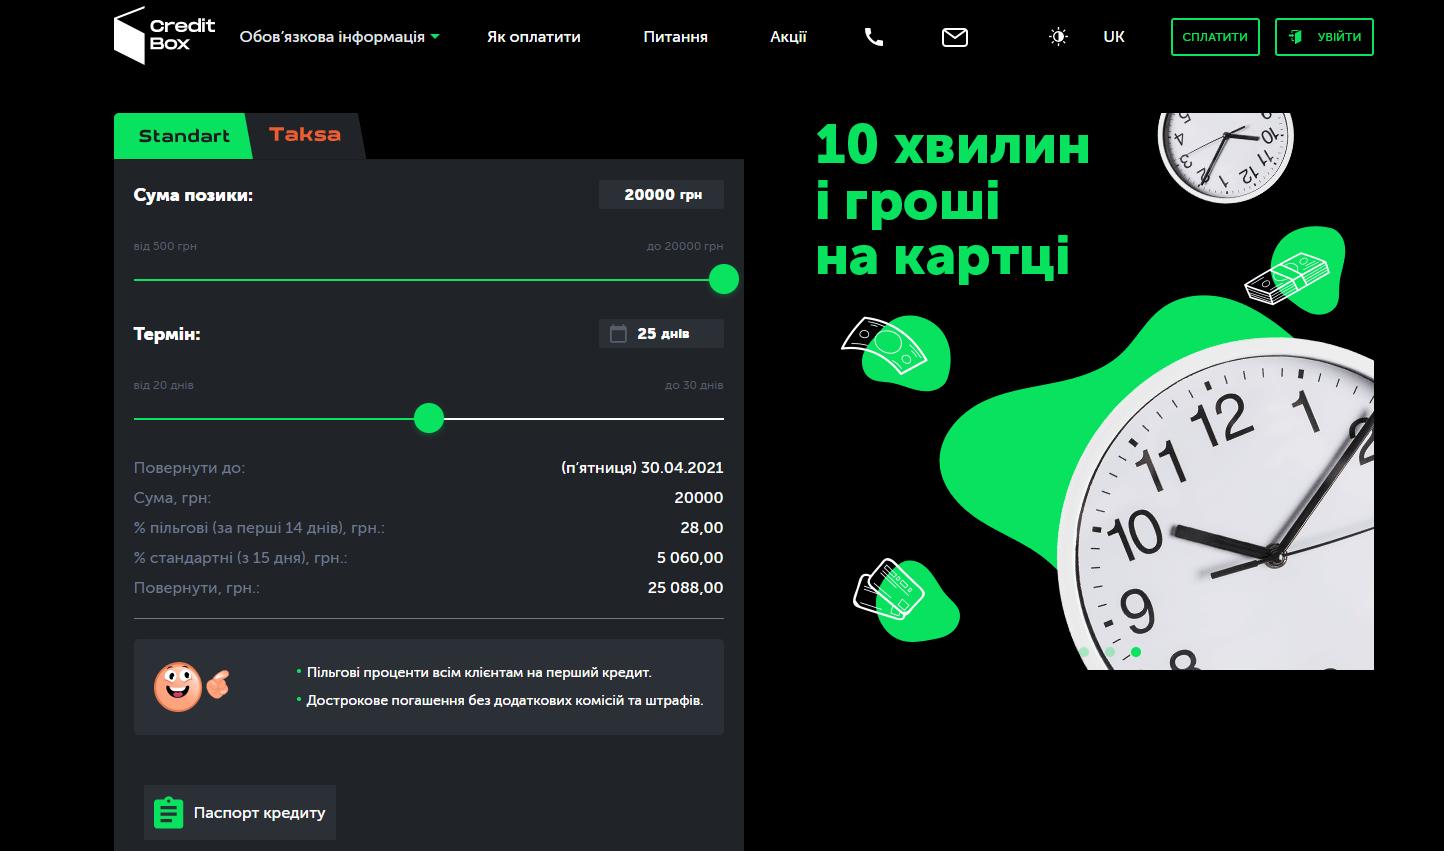 онлайн кредит от CreditBox Украина